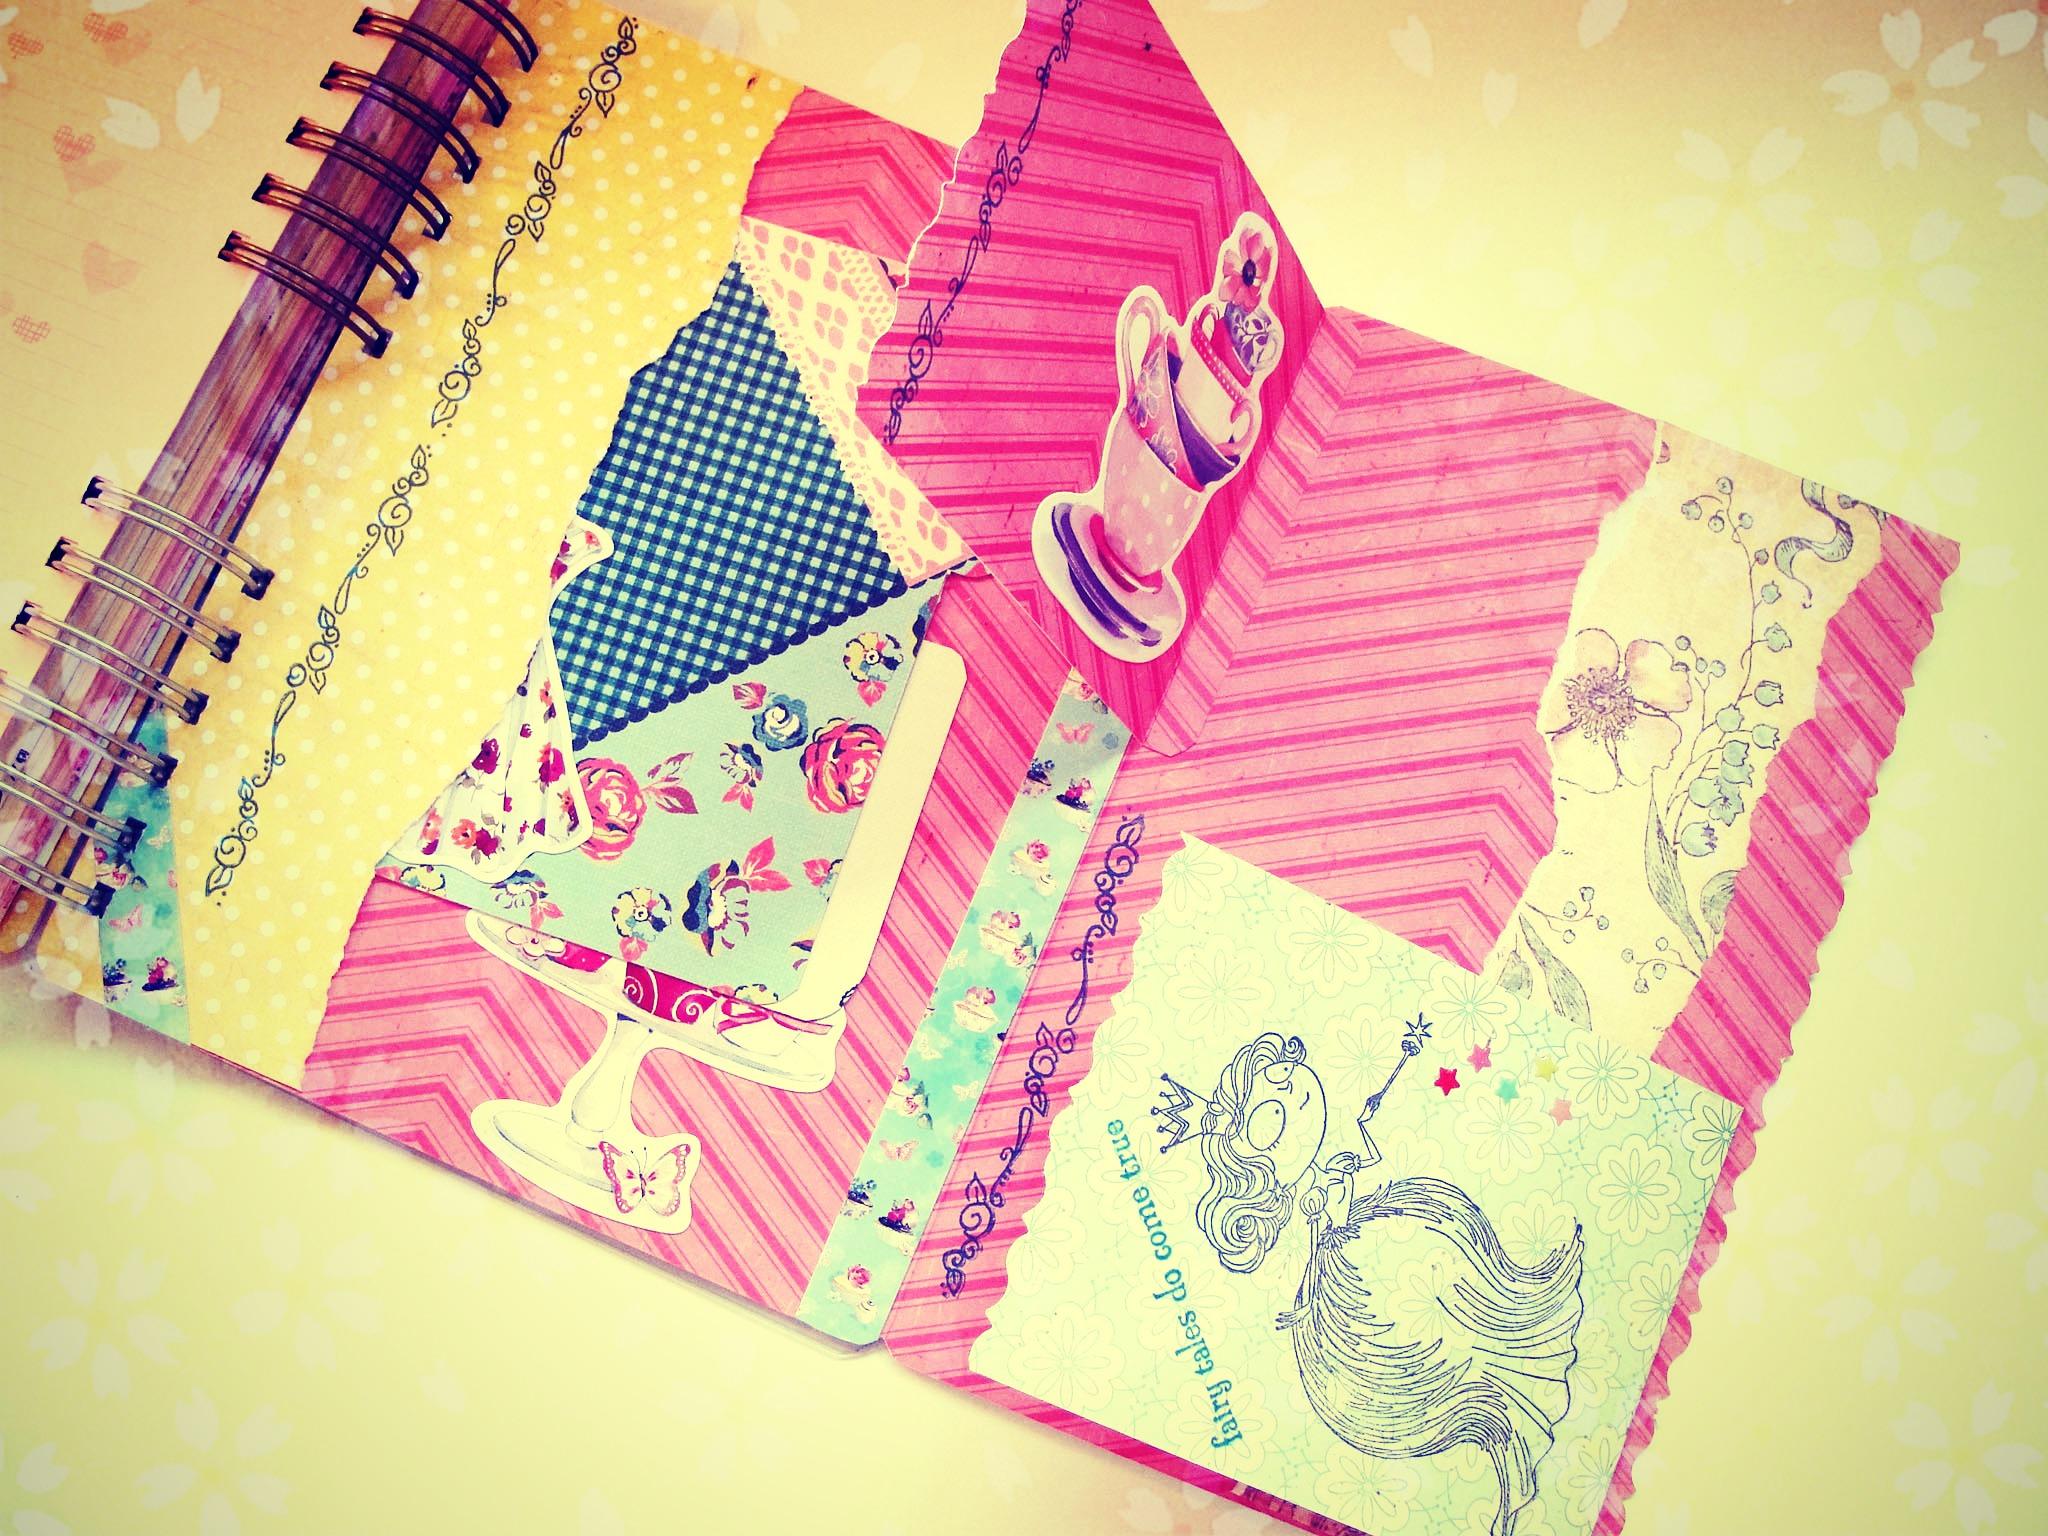 Como adornar un cuaderno por dentro imagui - Como decorar cuadernos ...